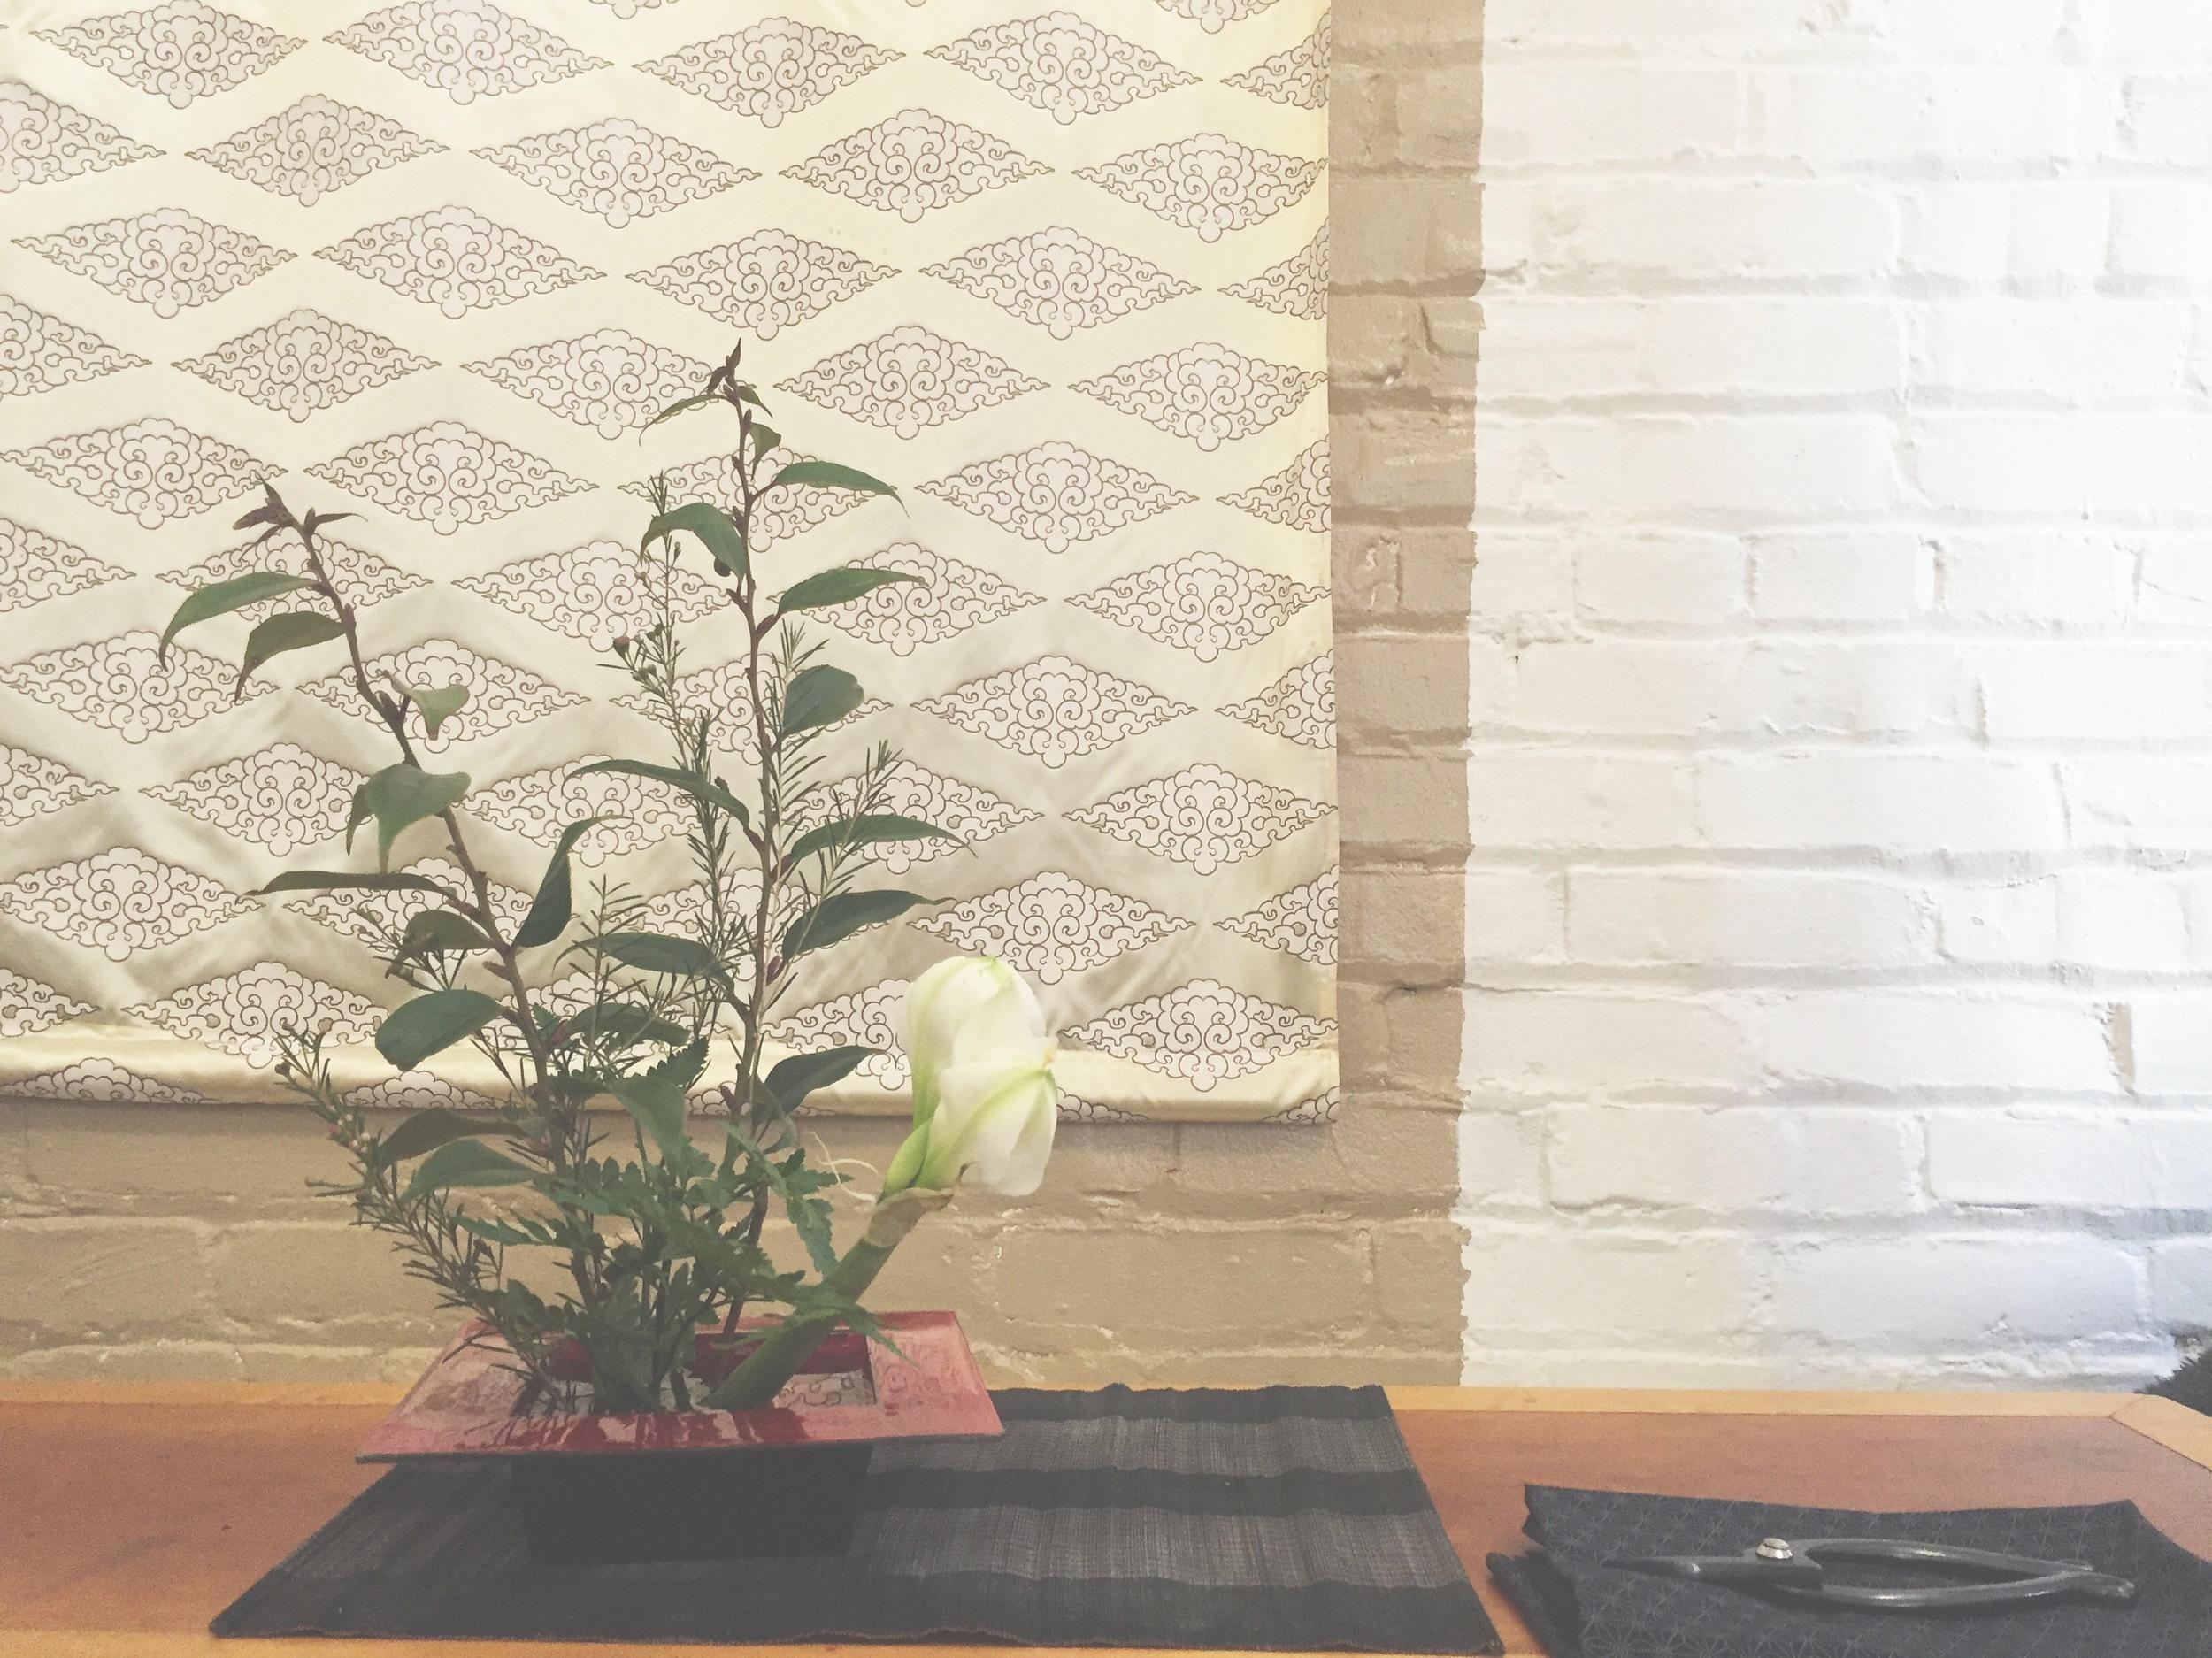 Arrangement today upright left variation one again! #amaryllis  #flowers  #kado  #ikebana  #shambhala